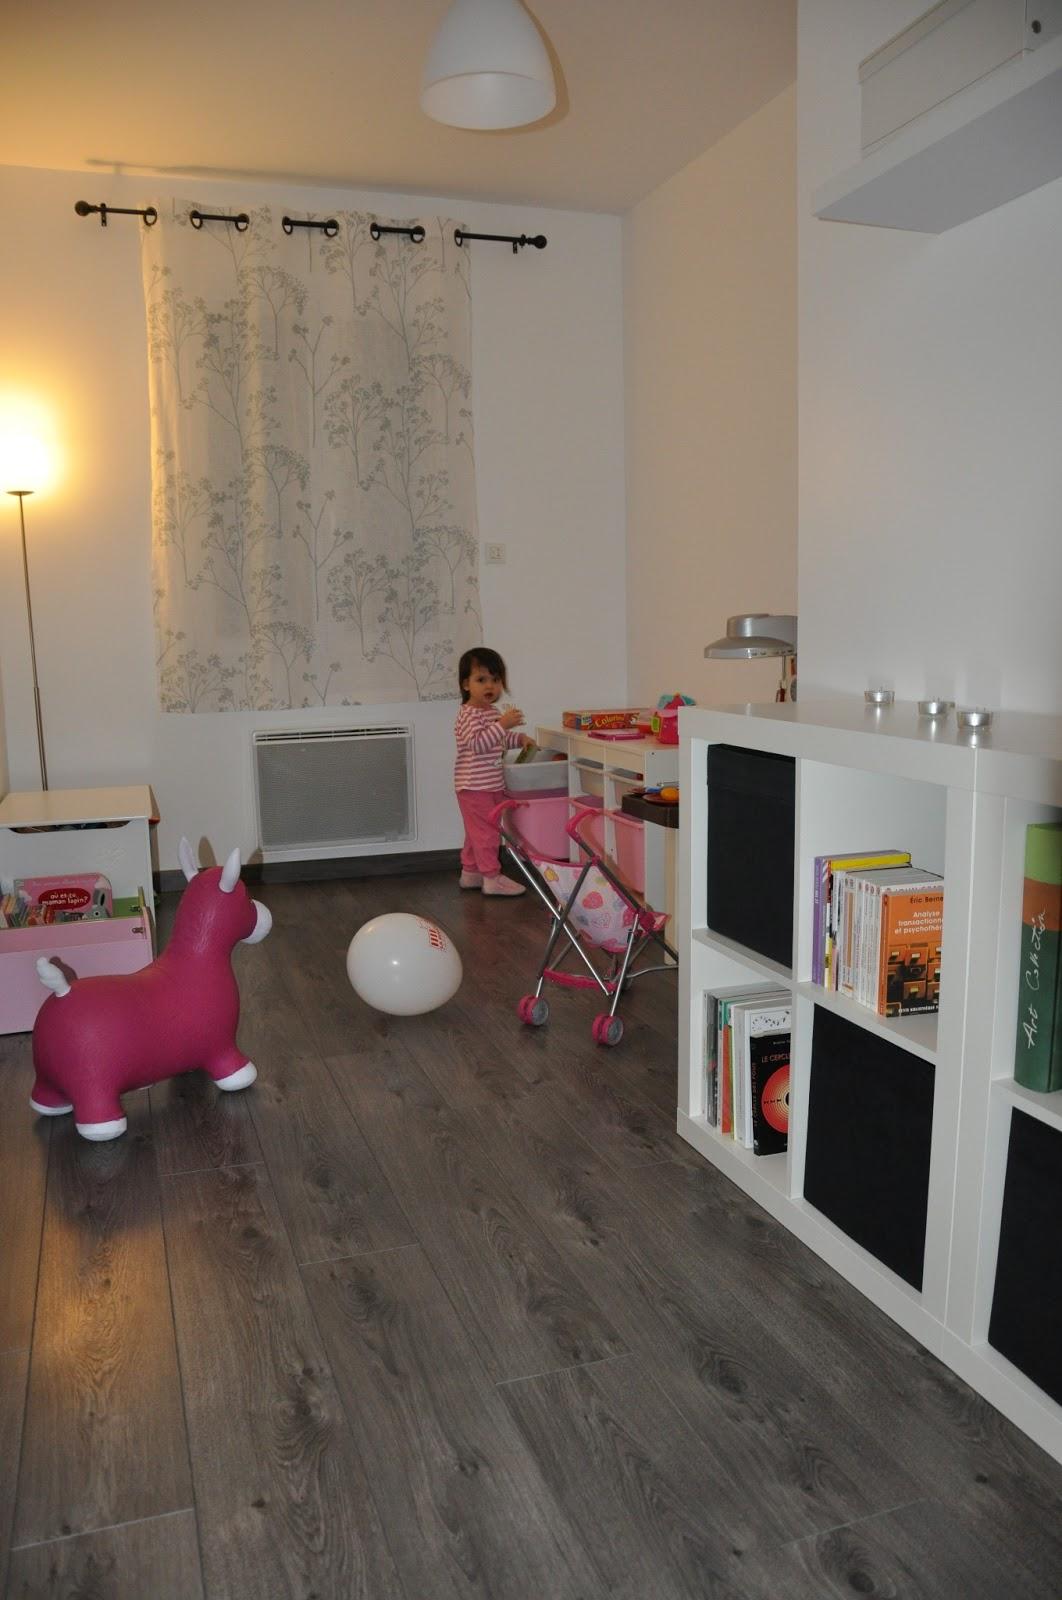 la construction de lac salle de jeux. Black Bedroom Furniture Sets. Home Design Ideas